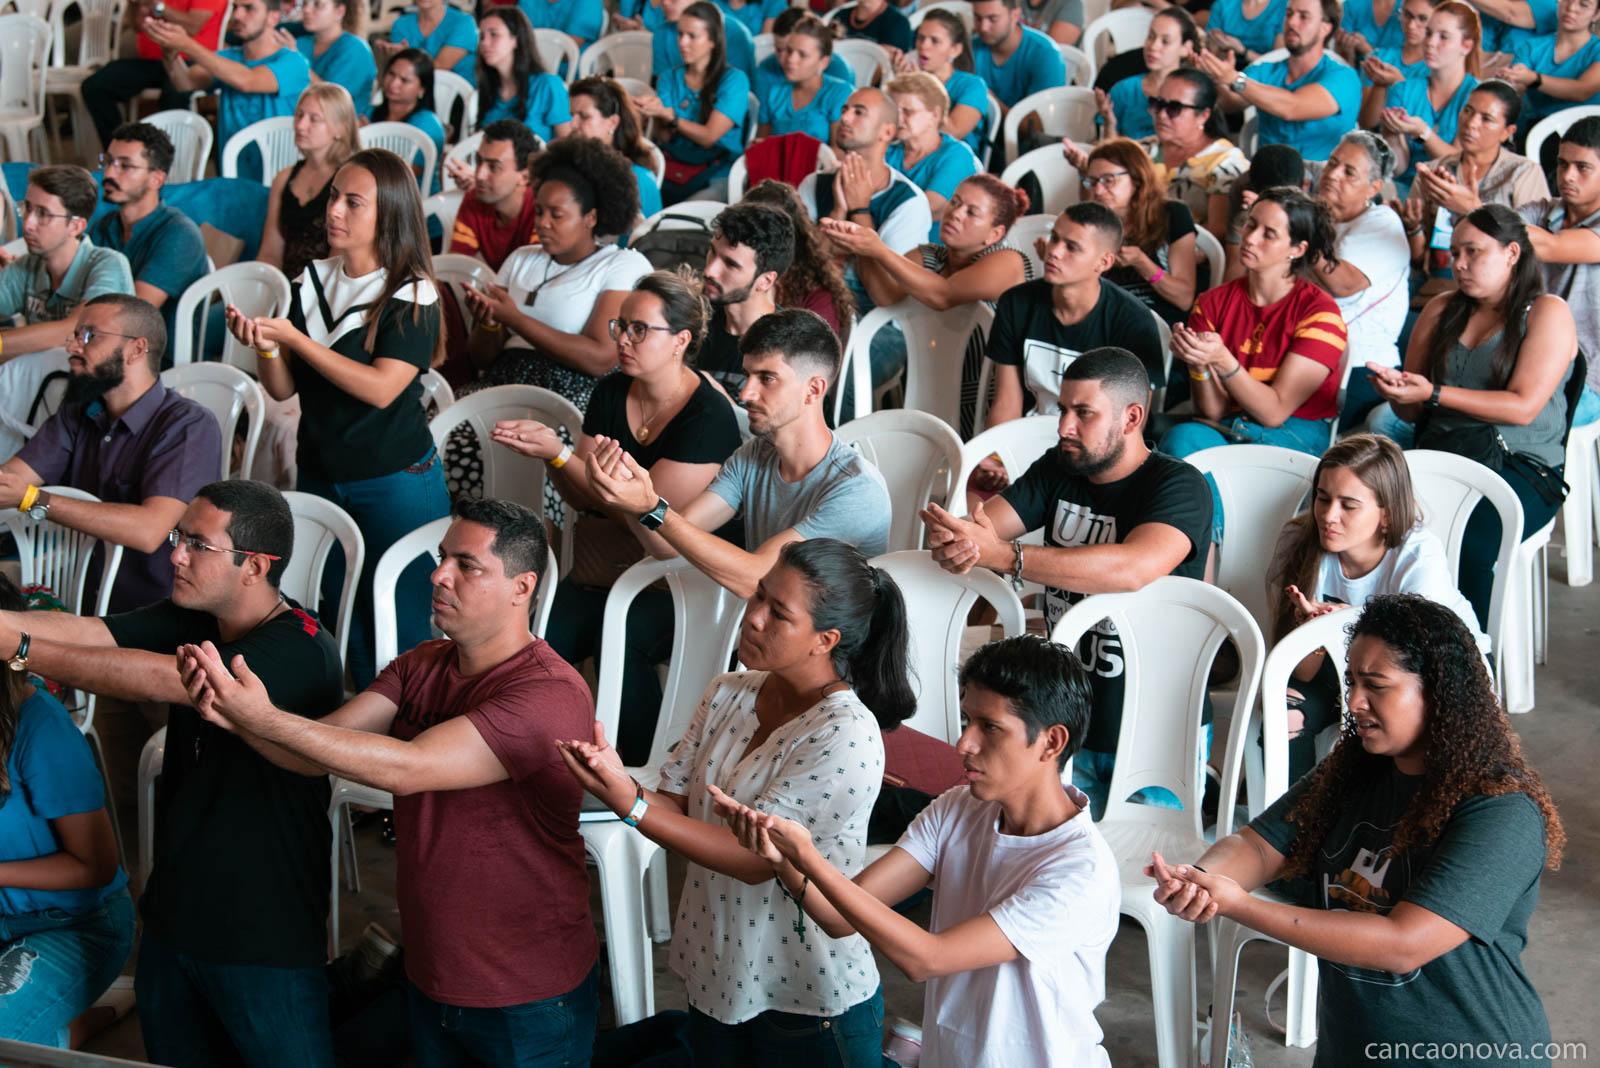 Jovem faça um encontro com pessoal com Deus